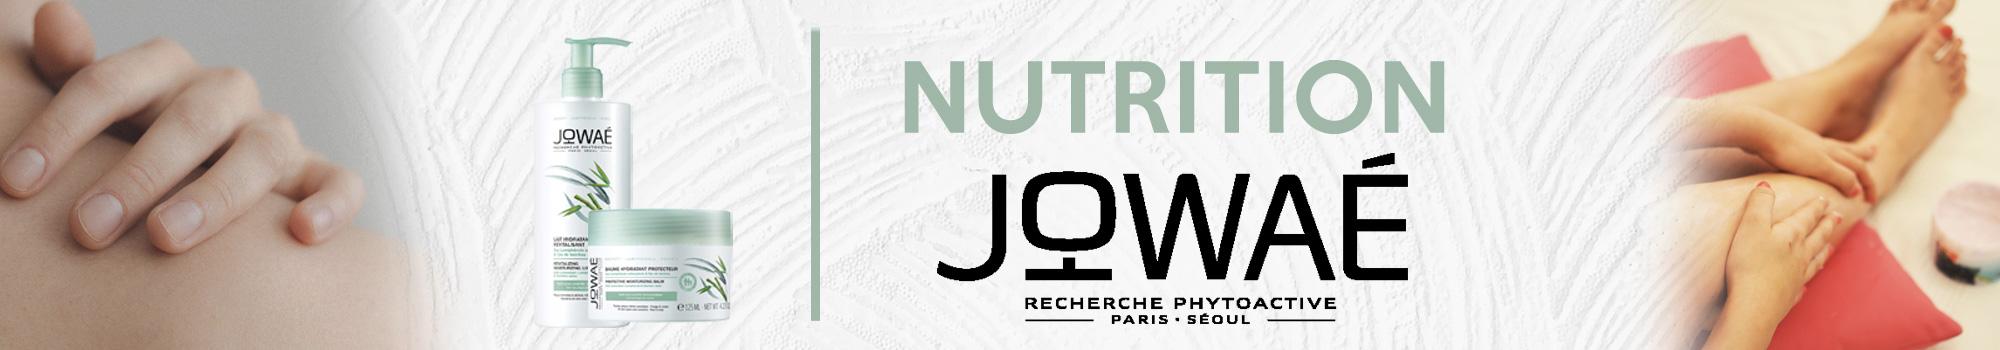 Jowaé Nutrition